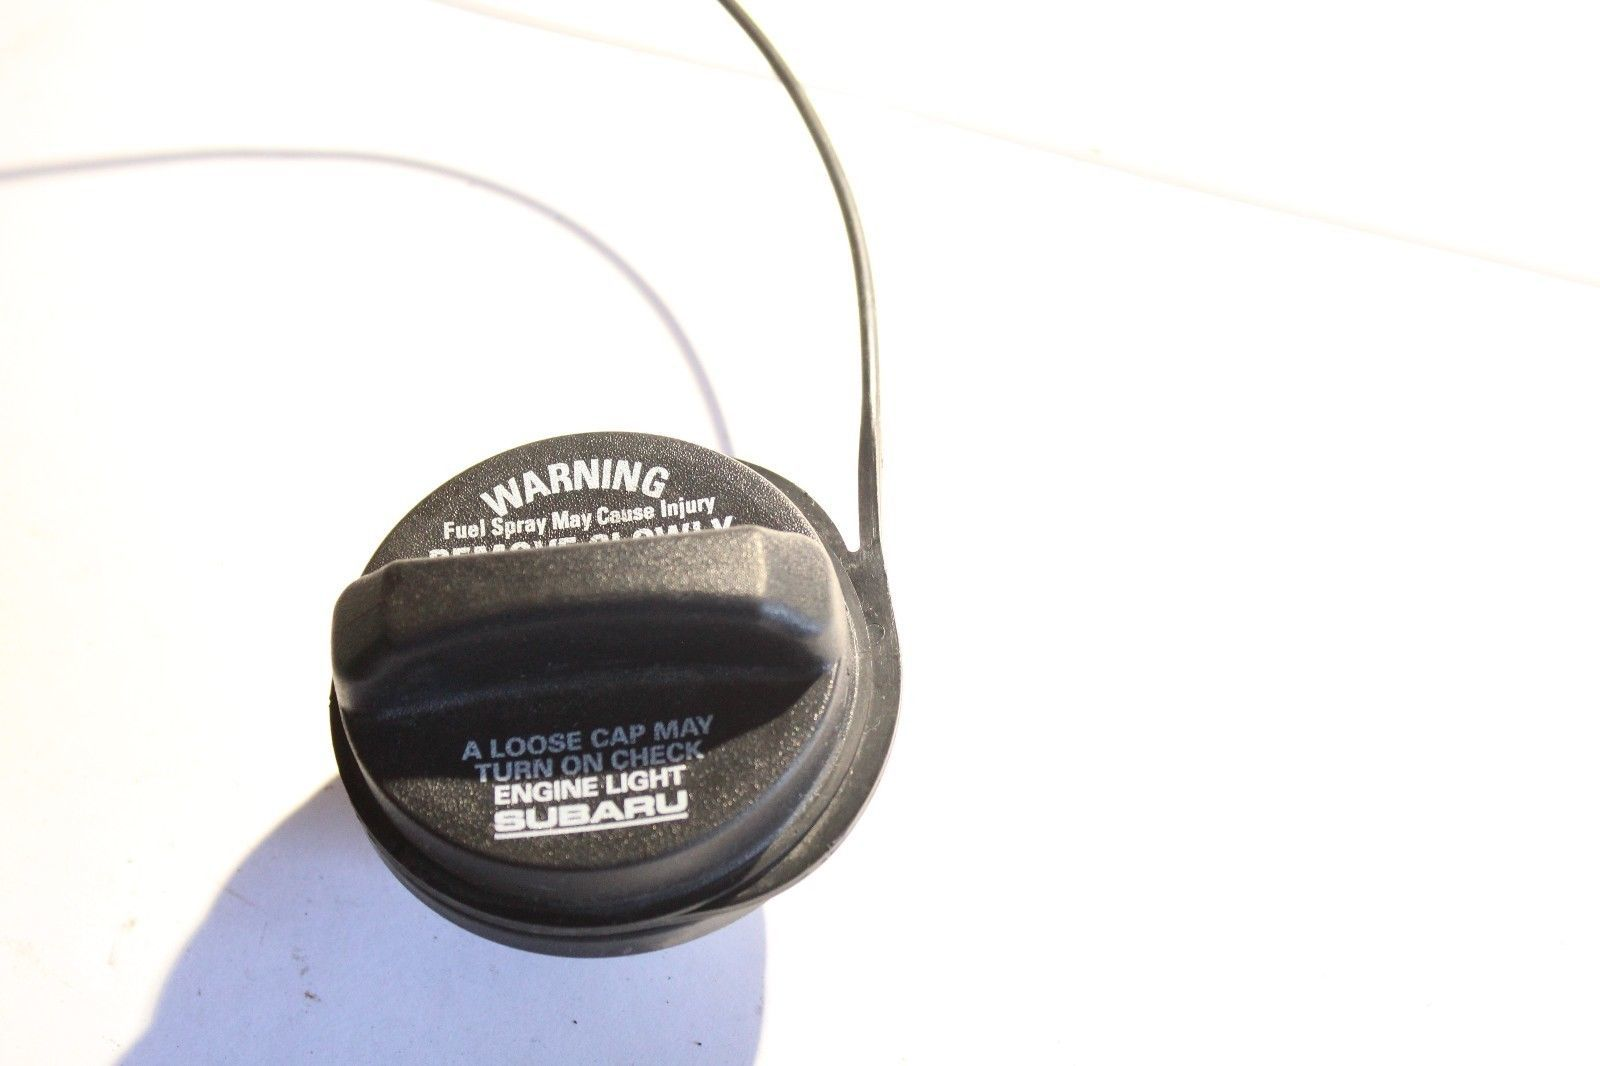 2008-2012 Subaru Impreza Sedan Fuel Gas Cap and 50 similar items